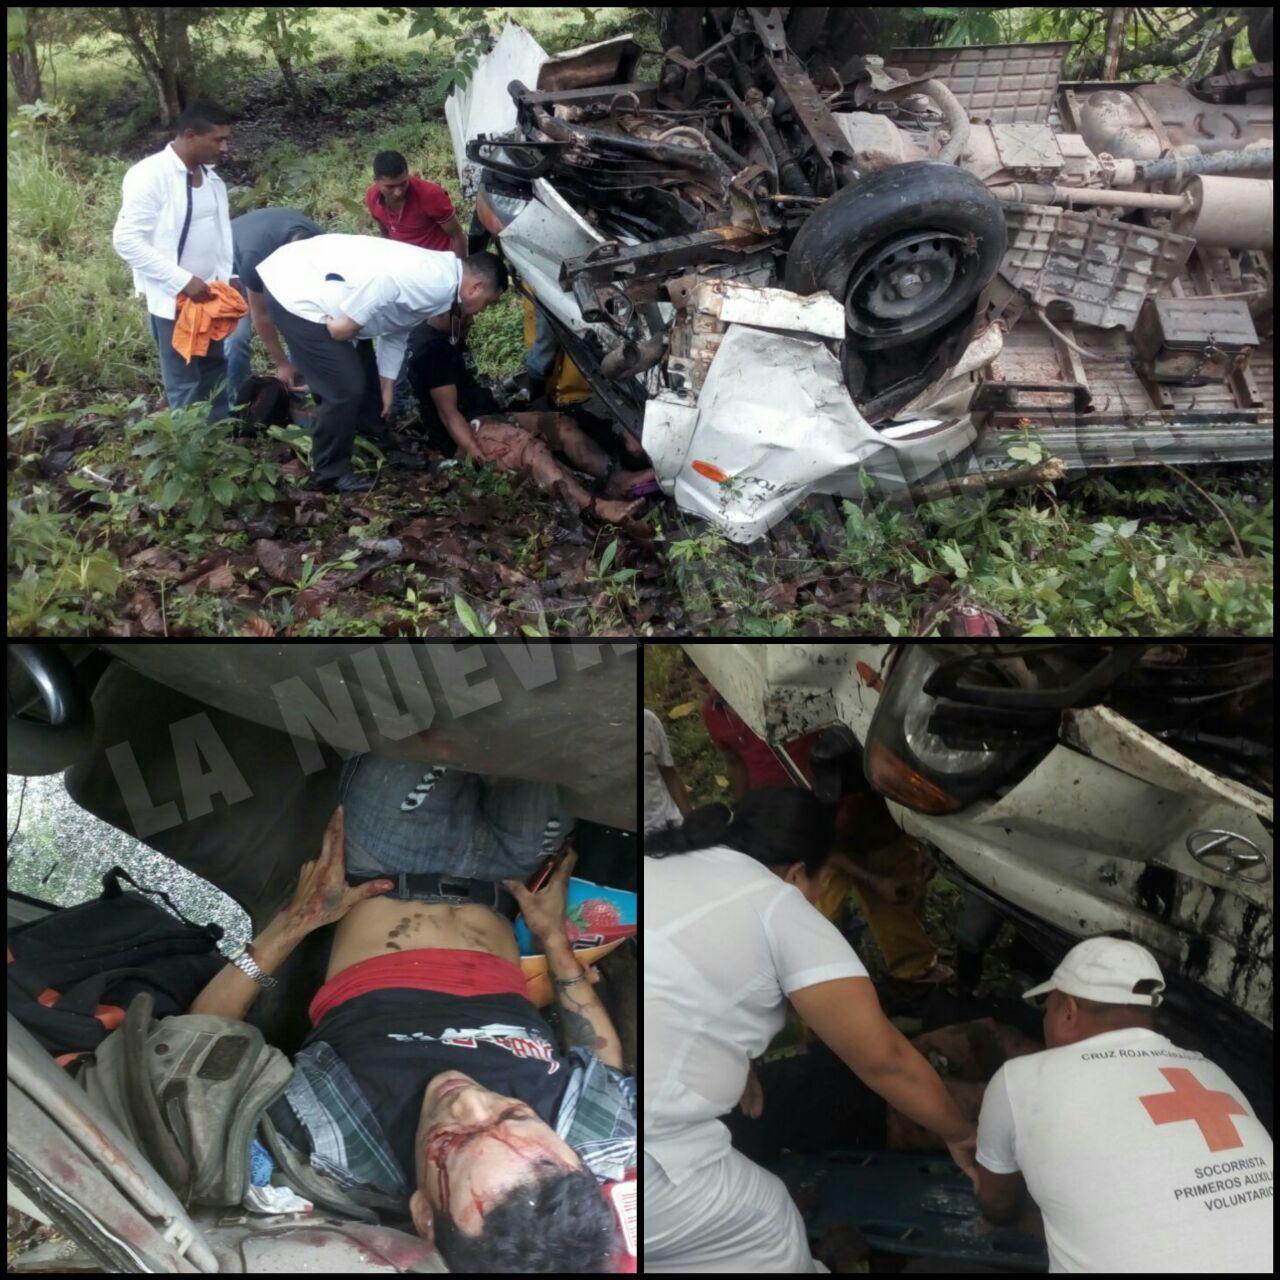 El accidente ocurrió en el el kilómetro 188 de la carretera a El Rama